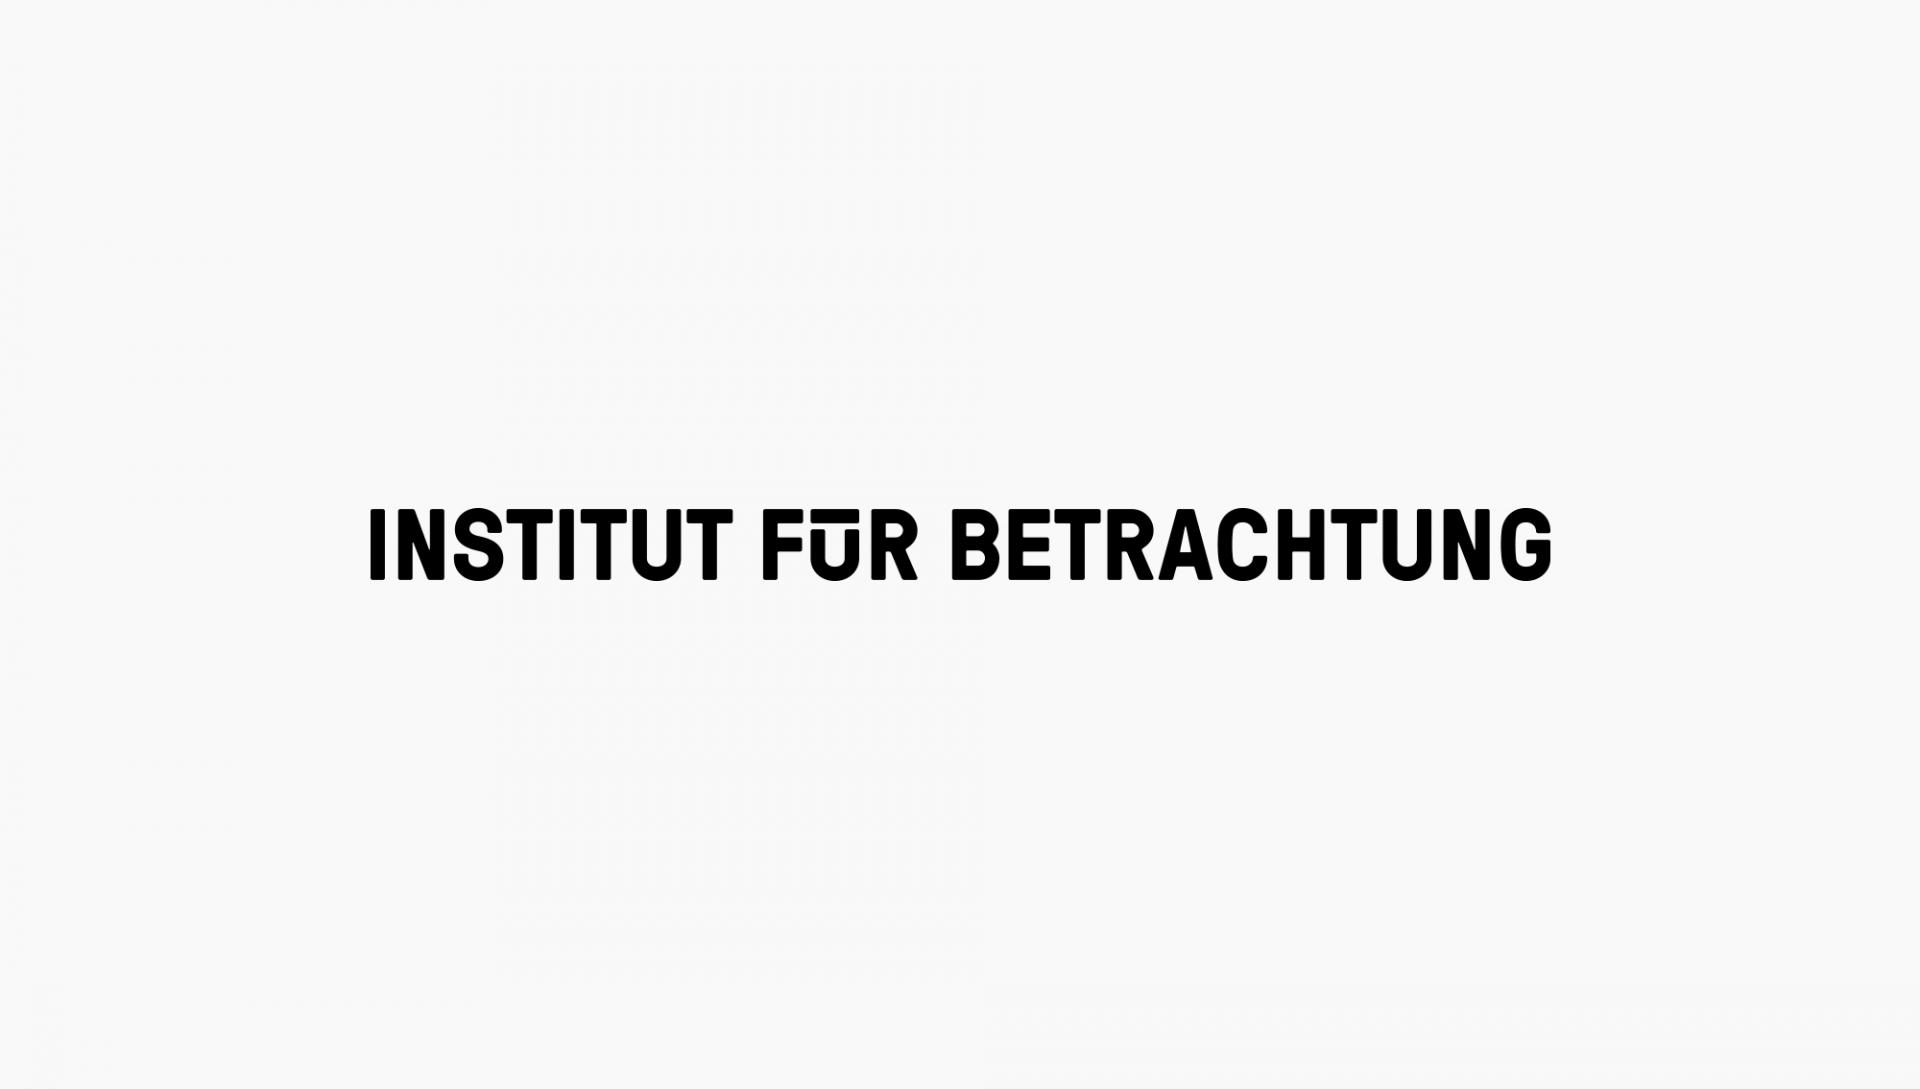 C/O Institut für Betrachtung